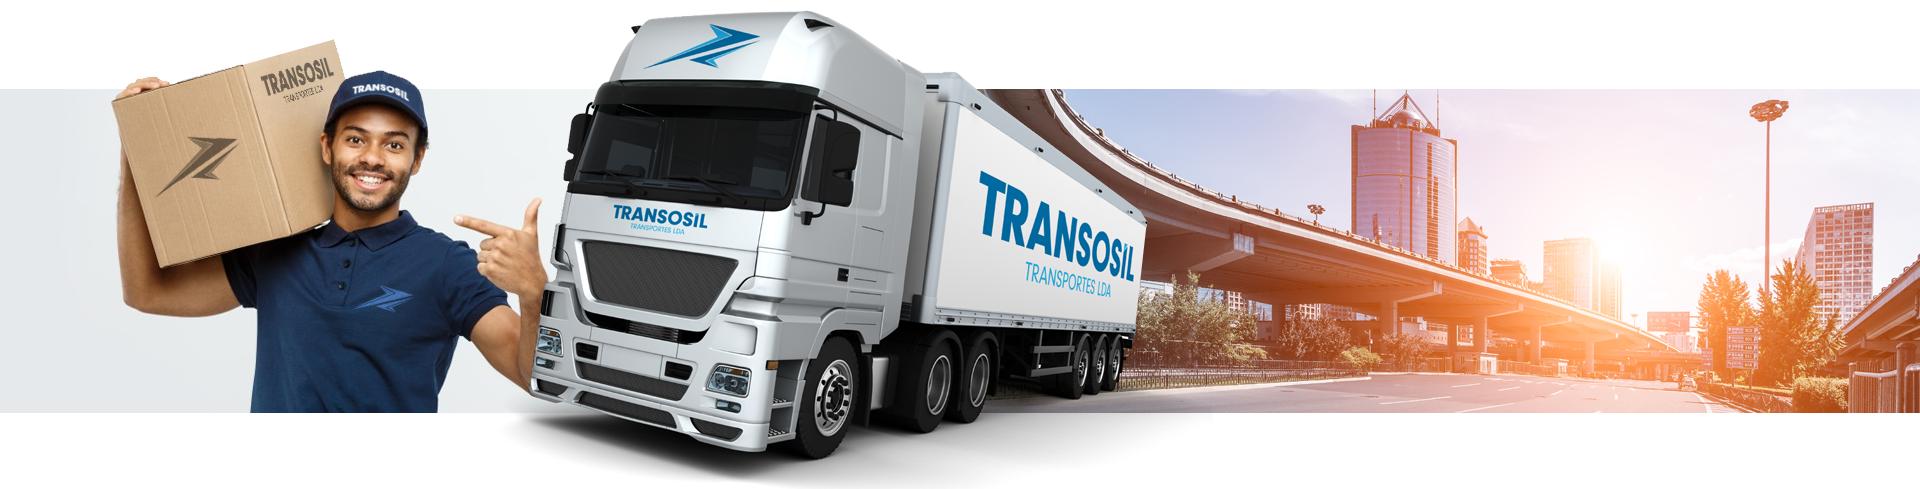 Transosil_Site_Wix_Empresa_Slide01